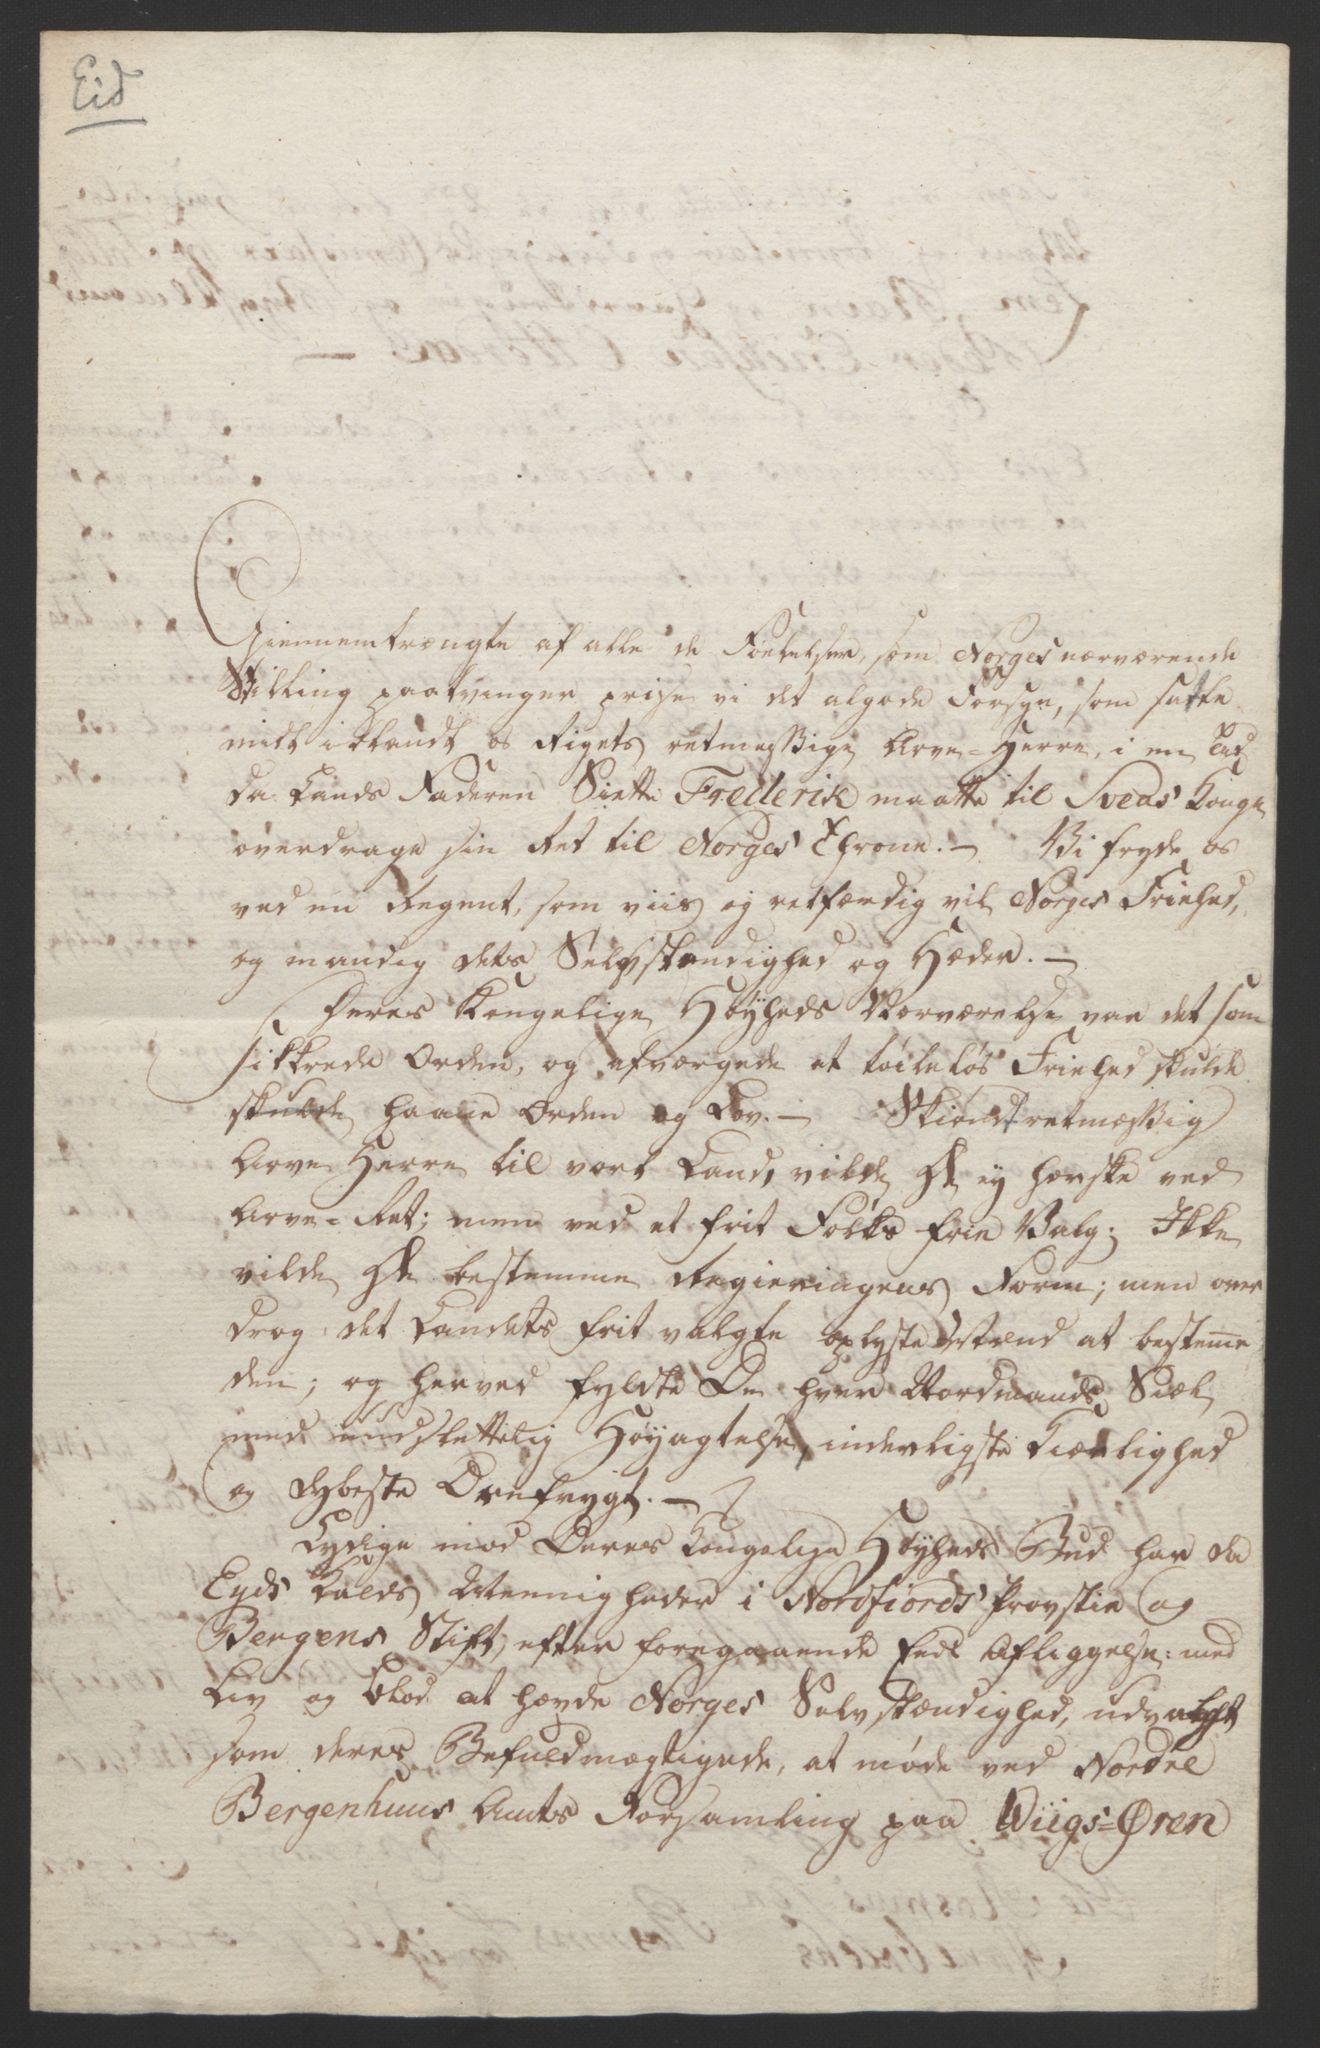 RA, Statsrådssekretariatet, D/Db/L0008: Fullmakter for Eidsvollsrepresentantene i 1814. , 1814, s. 315